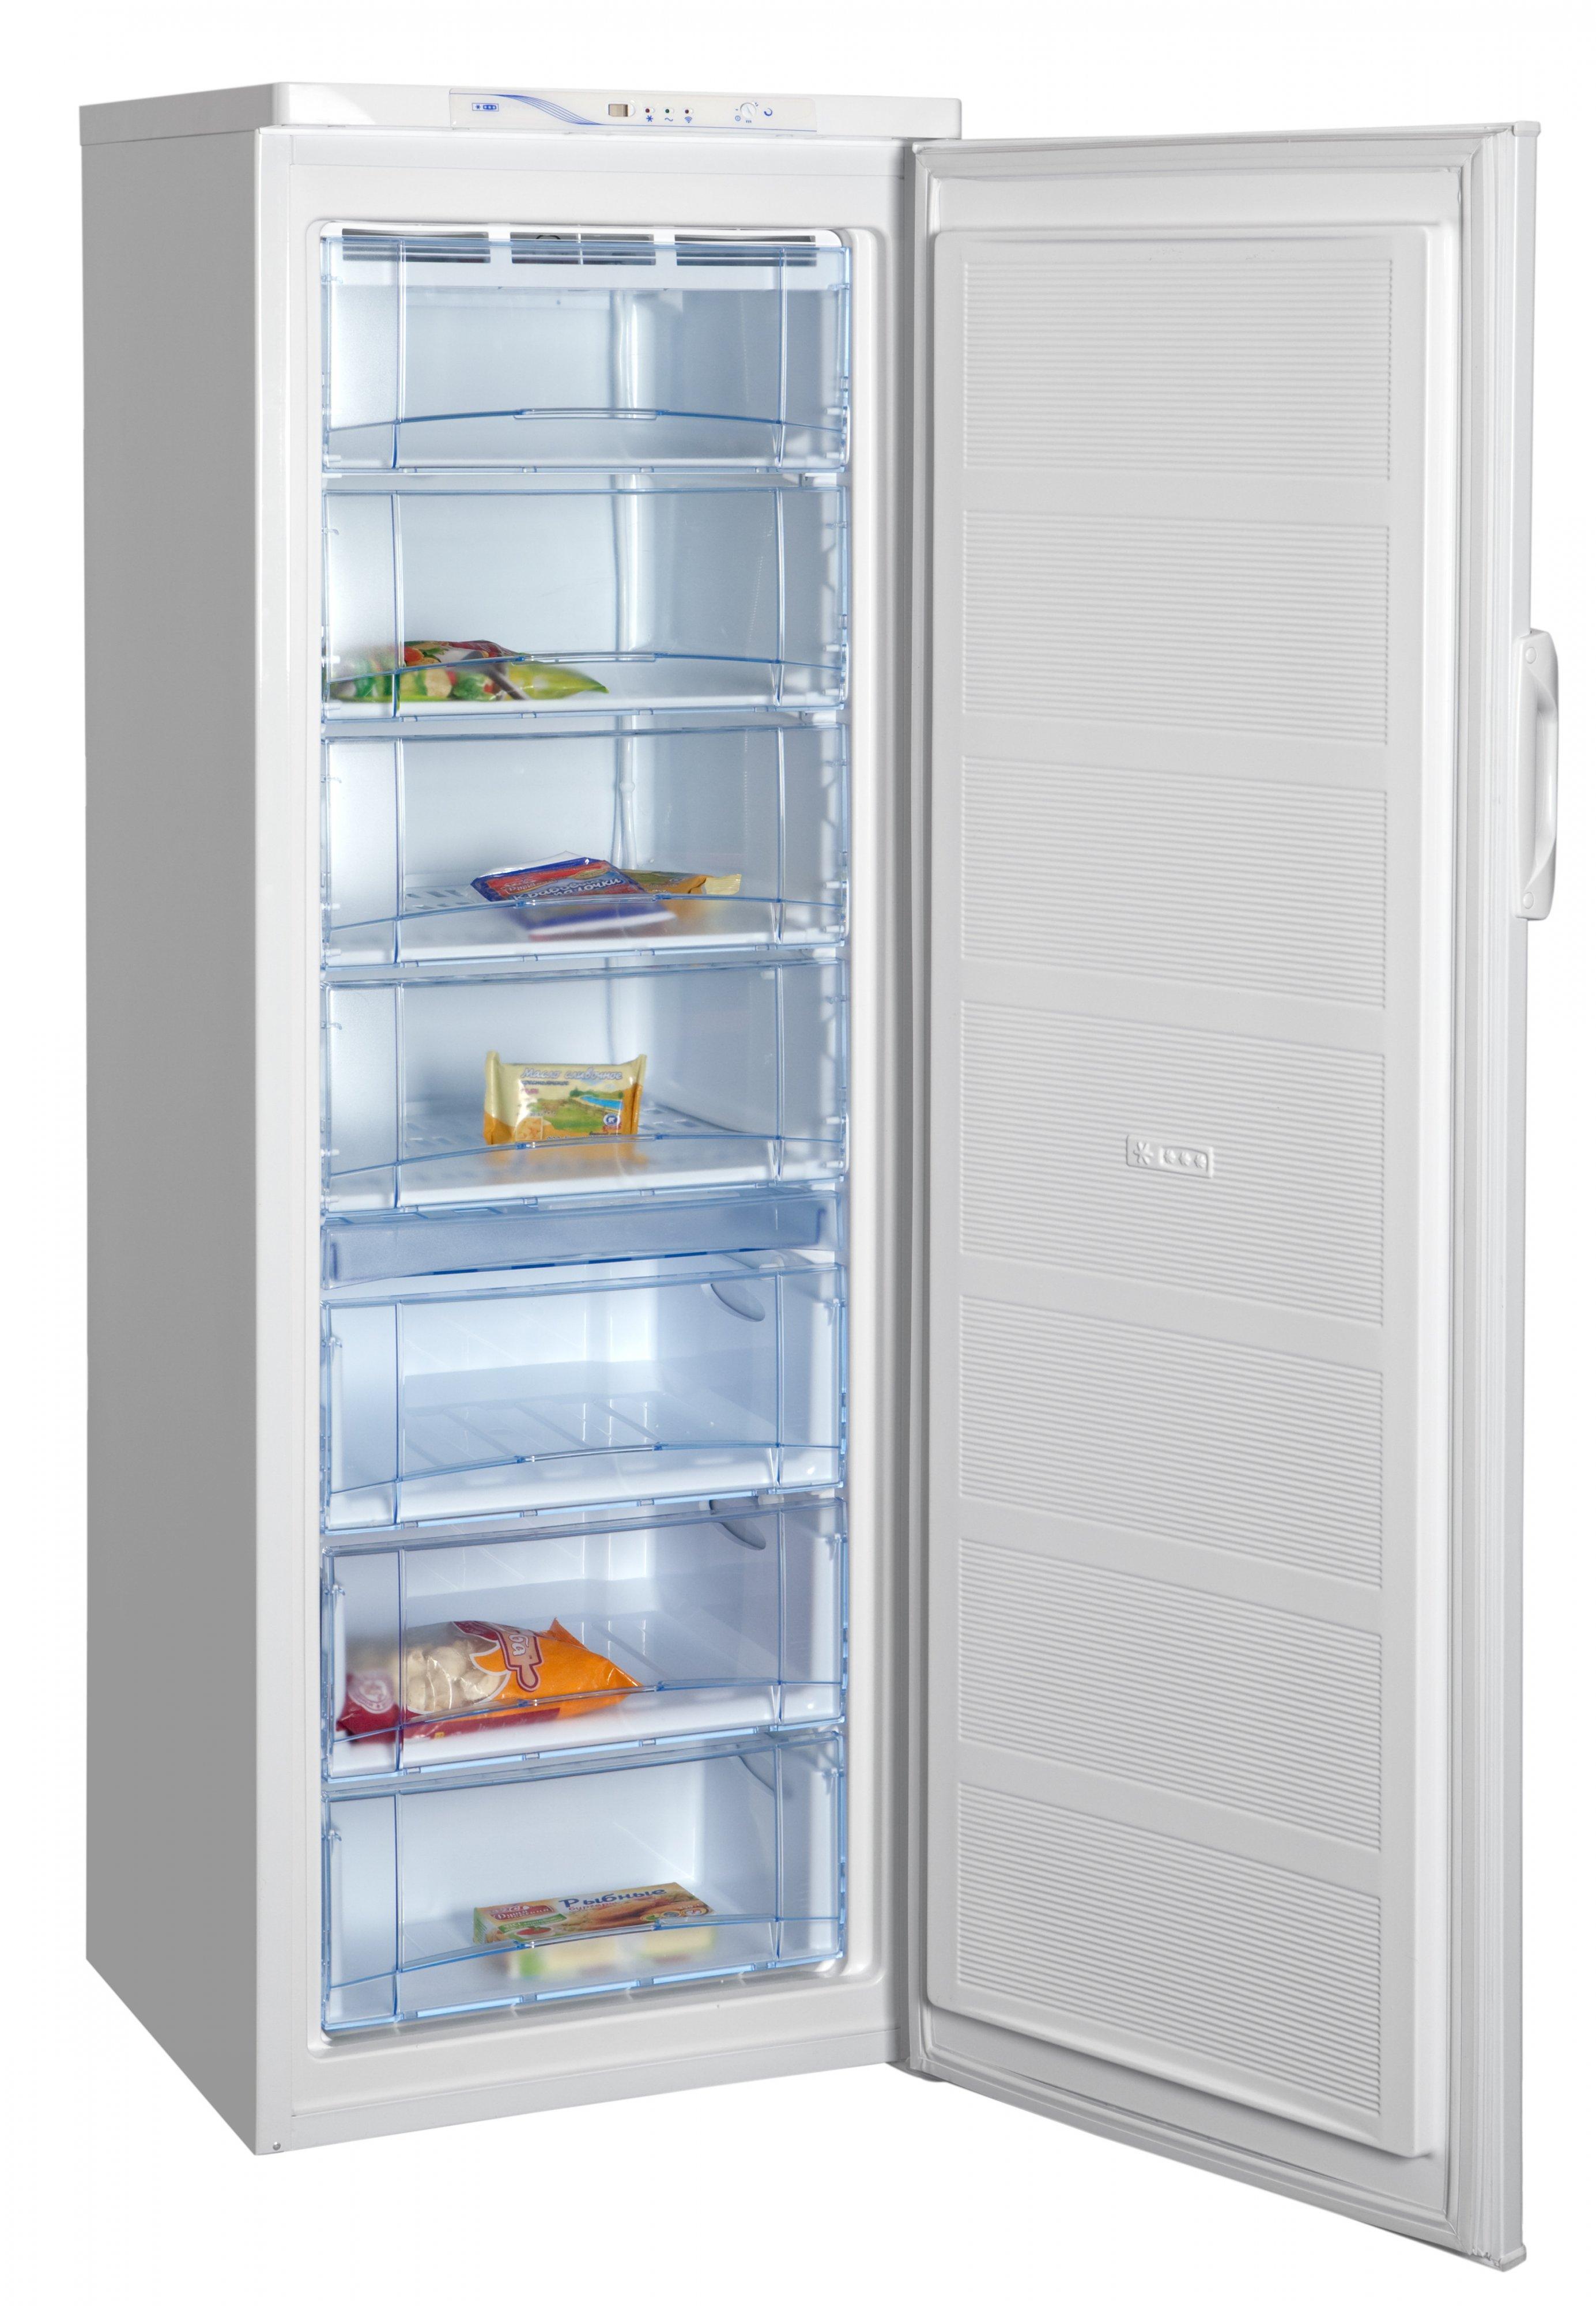 адреса магазин где купить холодильник